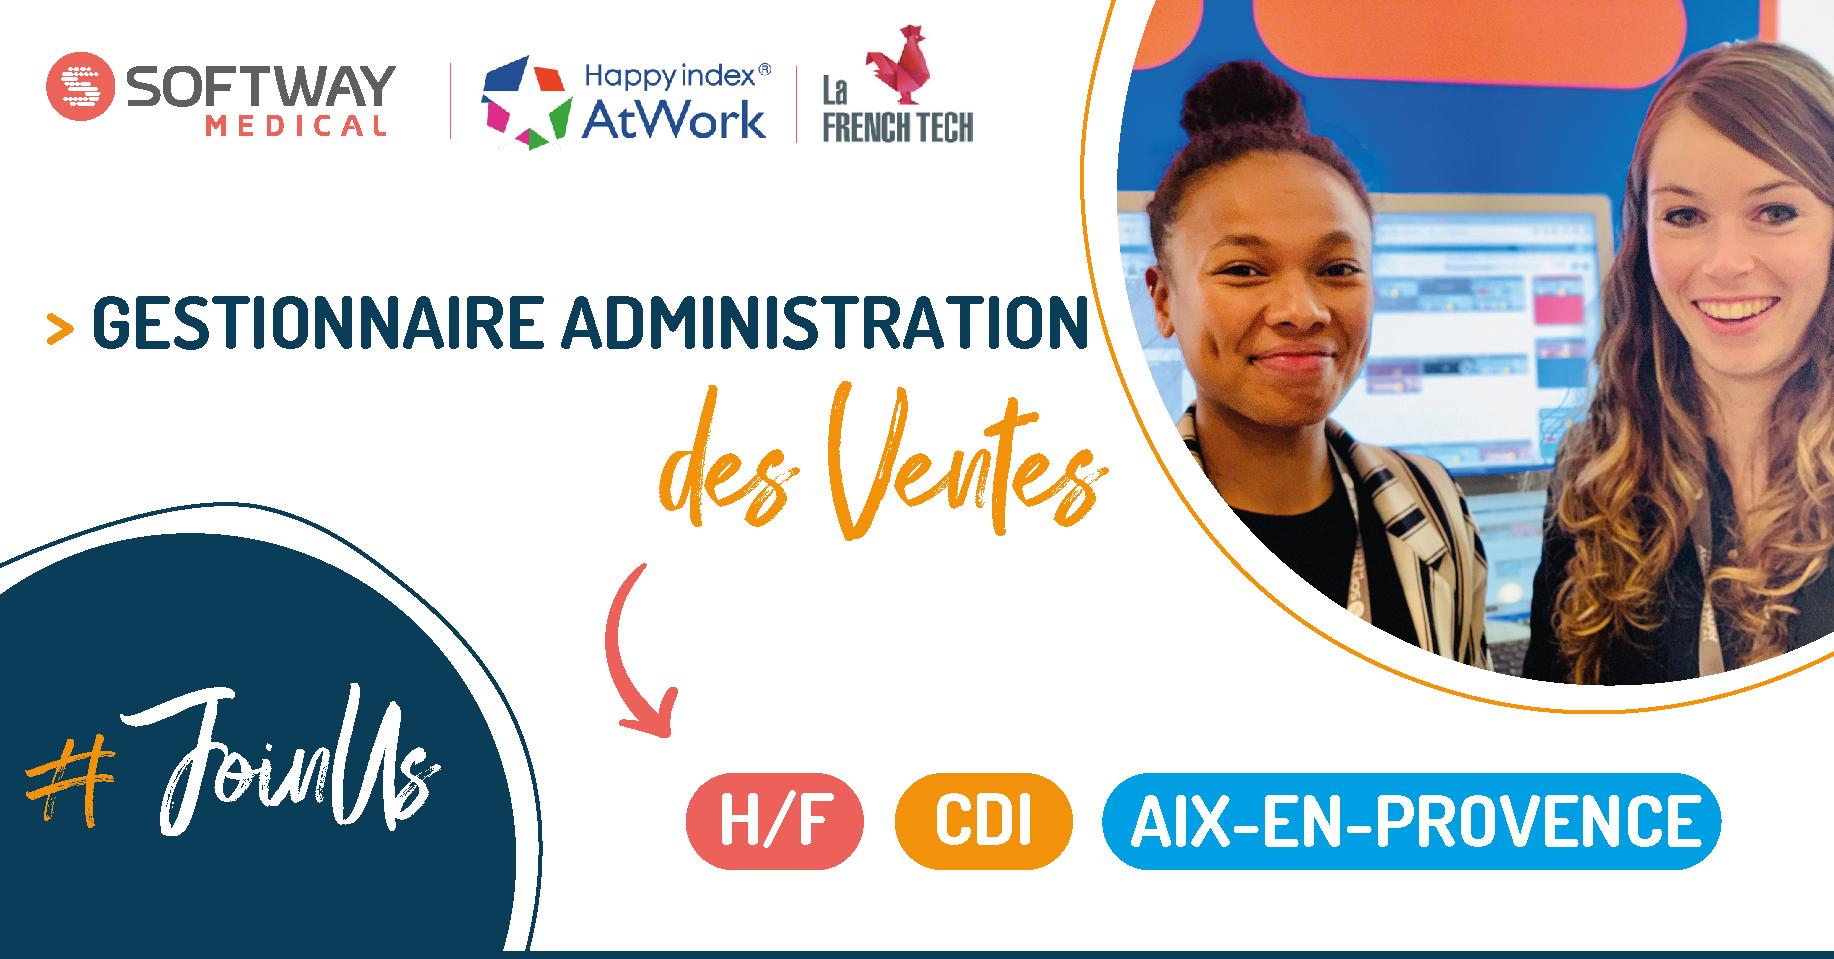 GESTIONNAIRE ADMINISTRATION DES VENTES – H/F – Aix-En-Provence